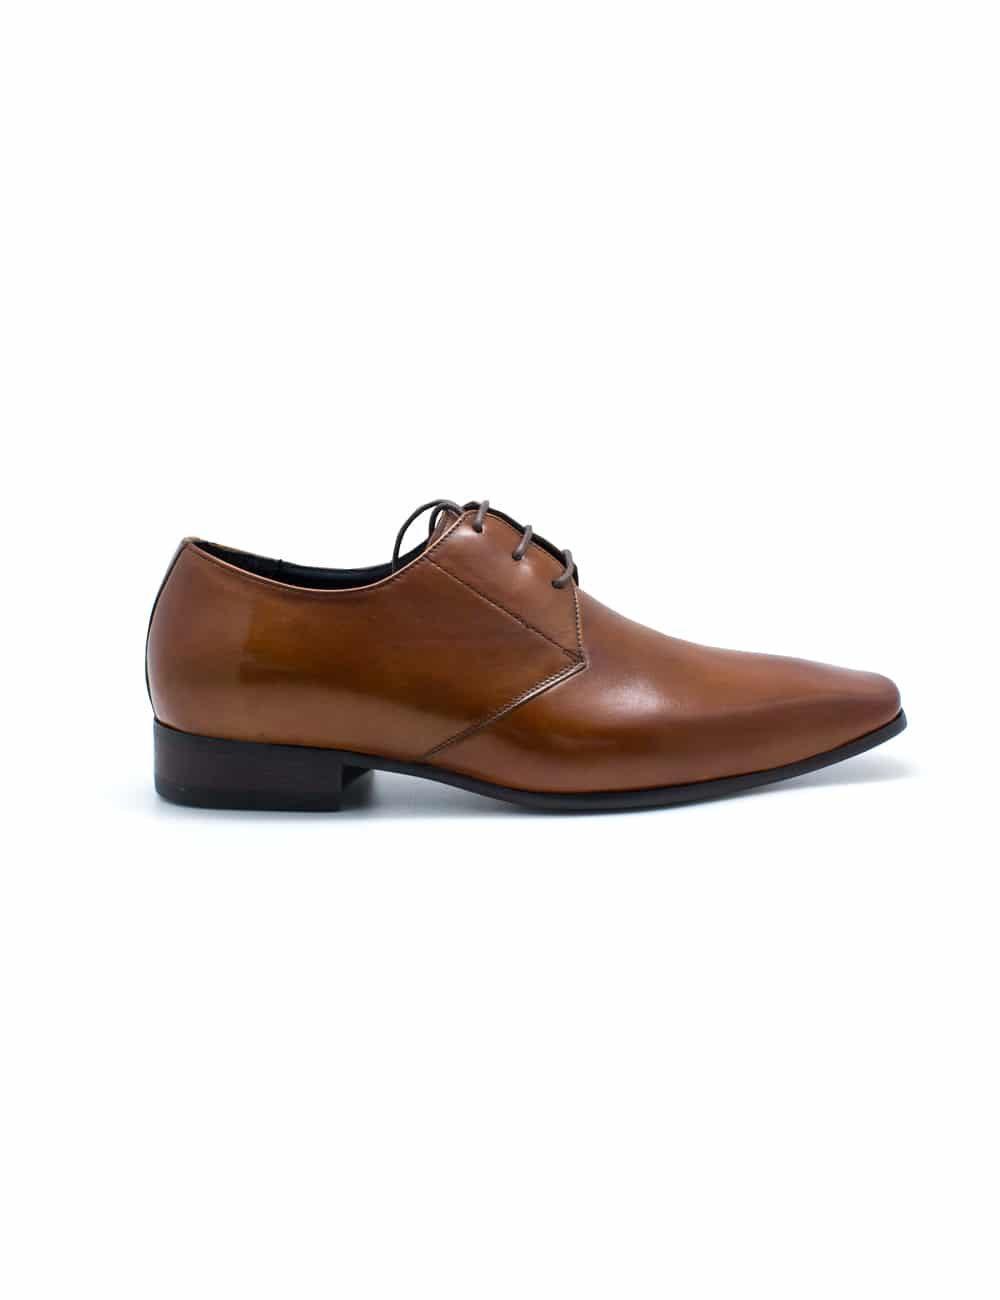 Tan Leather Oxford Plain Toe F12A19.2